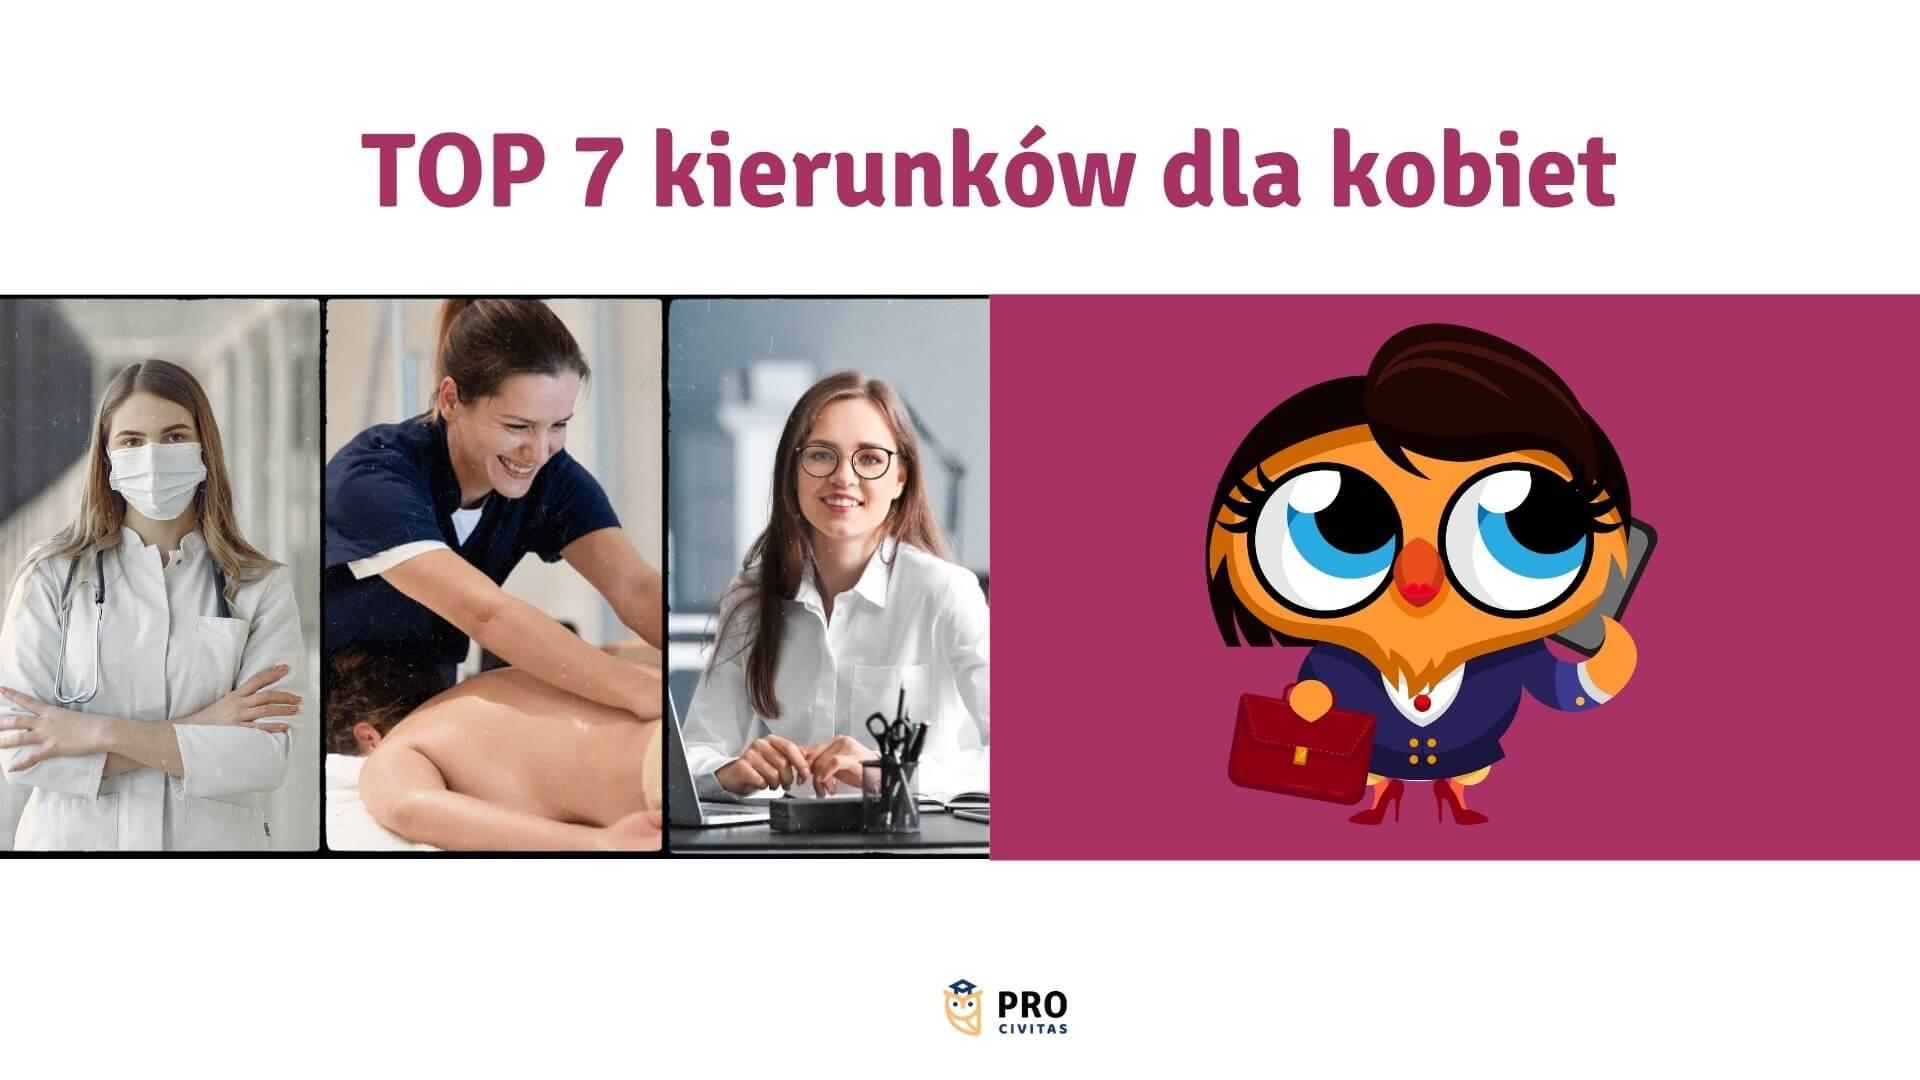 TOP 7 kierunków dla kobiet – przyszłościowe zawody dla mam - PRO Civitas